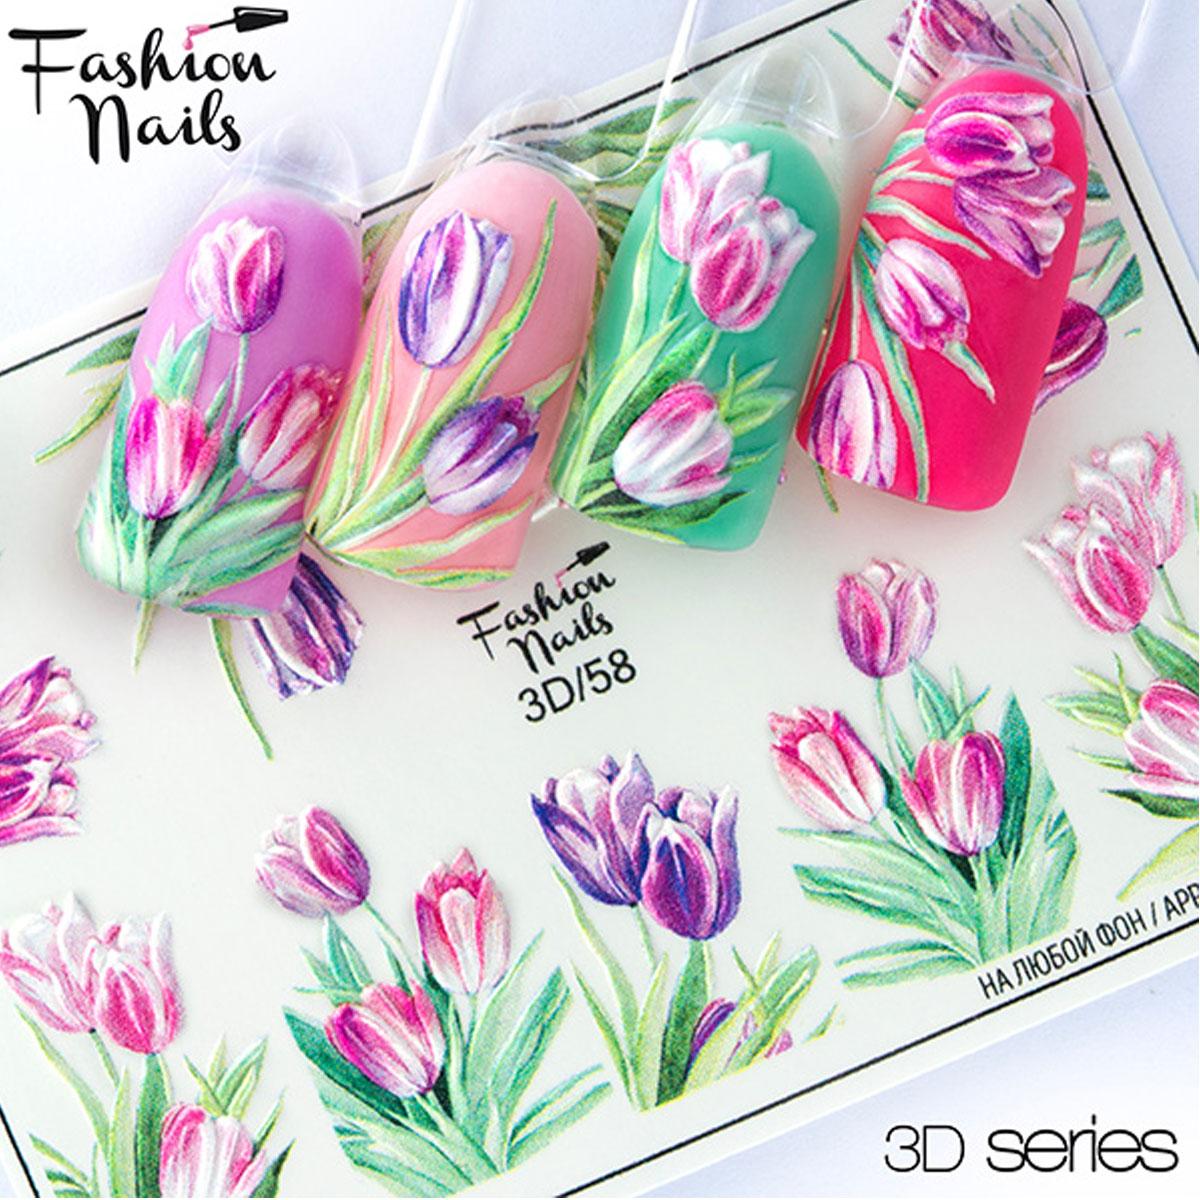 タトゥー ネイルシール スライダー 3Dデザイン 3D #58 春ネイル チューリップ 22973